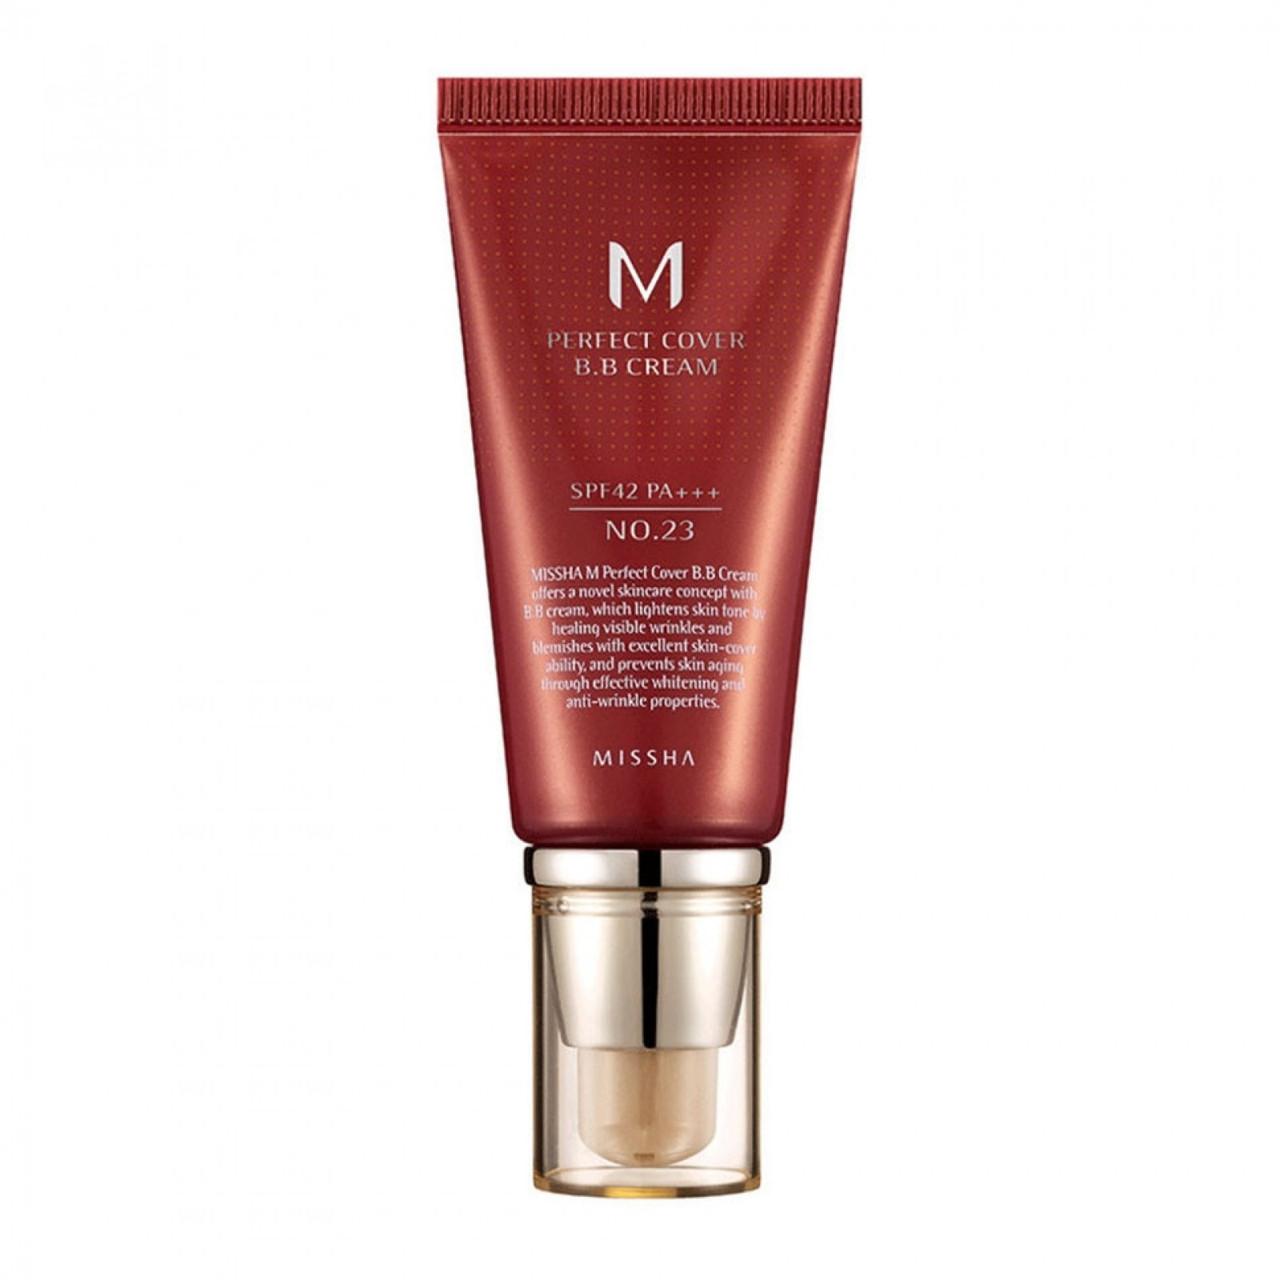 ВВ Крем увлажняющий и матирующий Missha M Perfect Cover BB Cream №21 Светлый бежевый (20 мл)